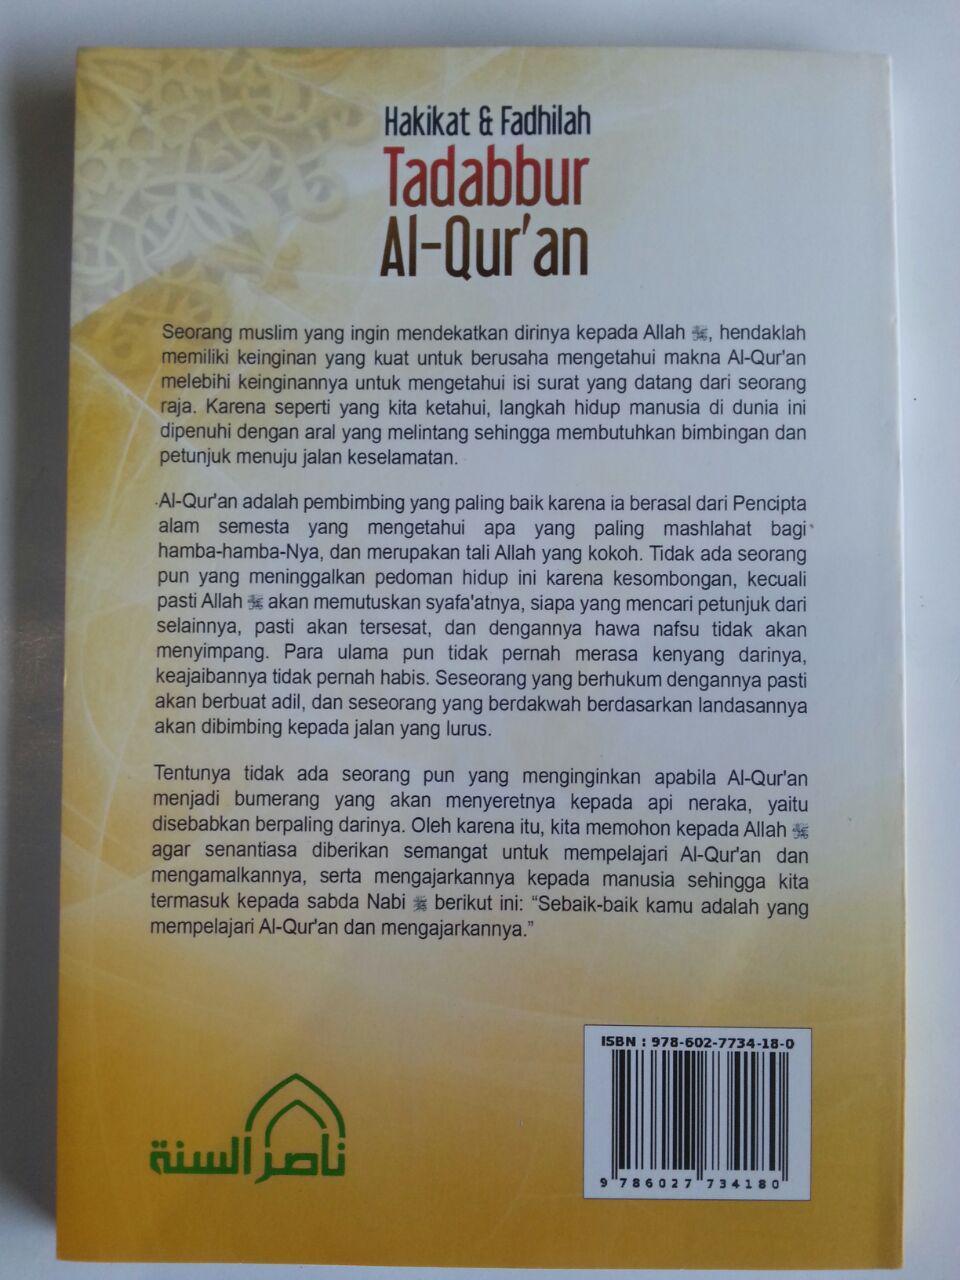 Buku Hakikat Dan Fadhilah Tadabbur Al-Qur'an cover